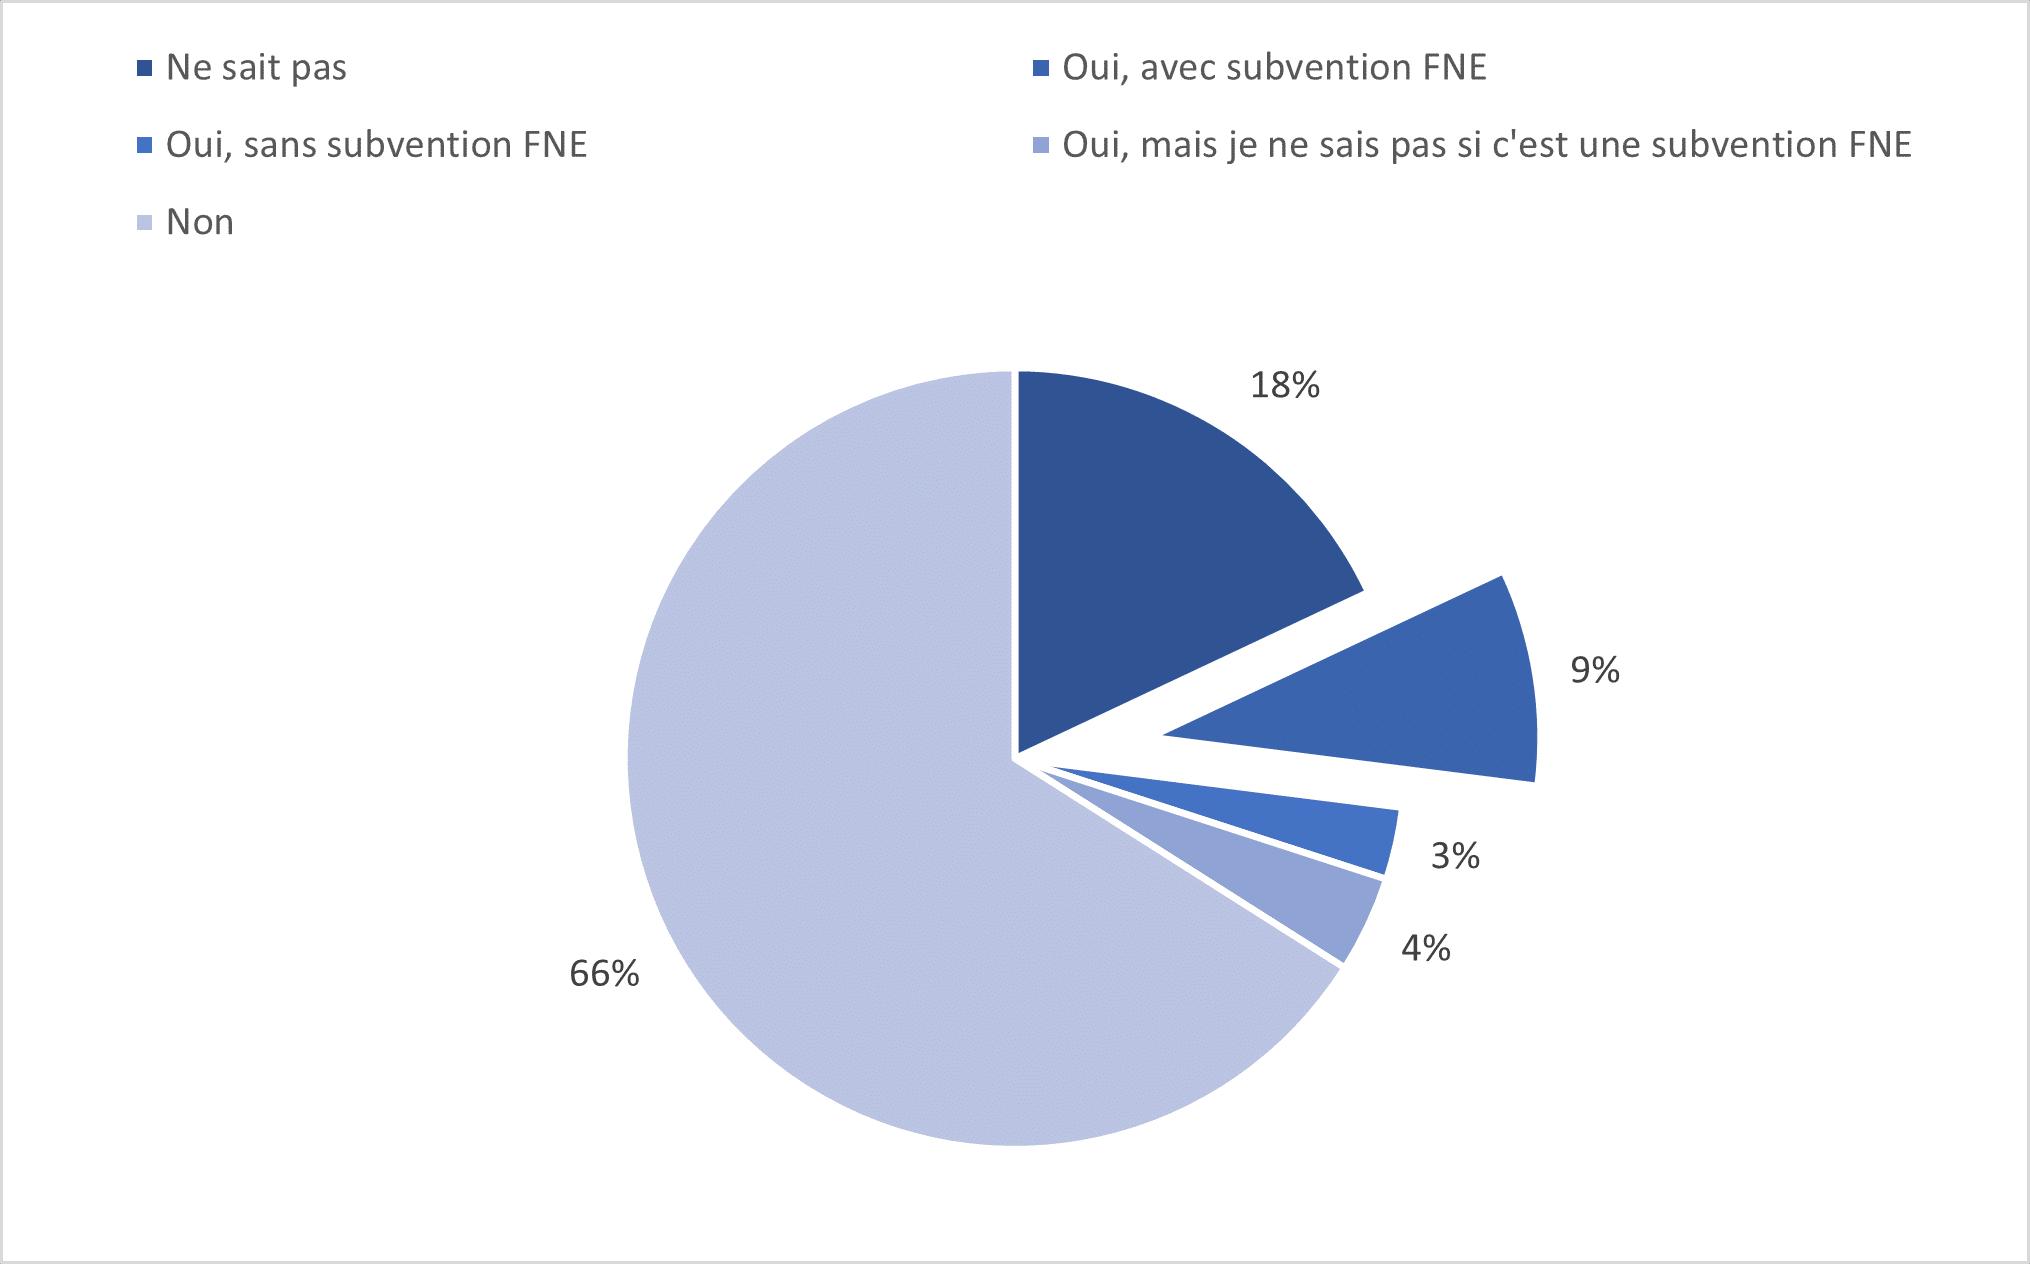 Pourcentage de salariés ayant eu recours à la formation durant le chômage partiel.